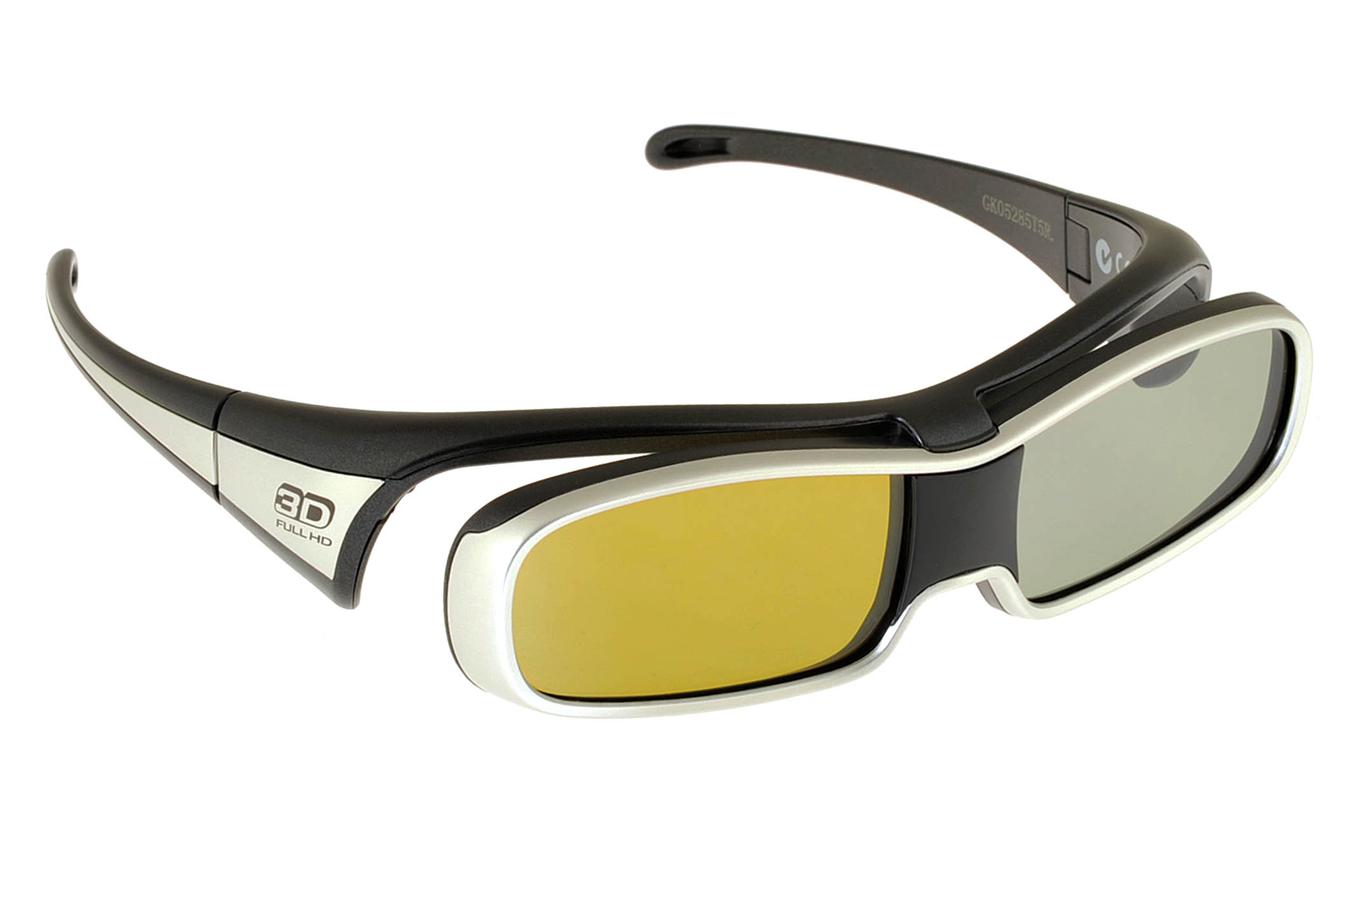 Lunettes 3d panasonic lunettes 3d ty ew3d10u ty ew3d10u for Darty cuisine outil 3d